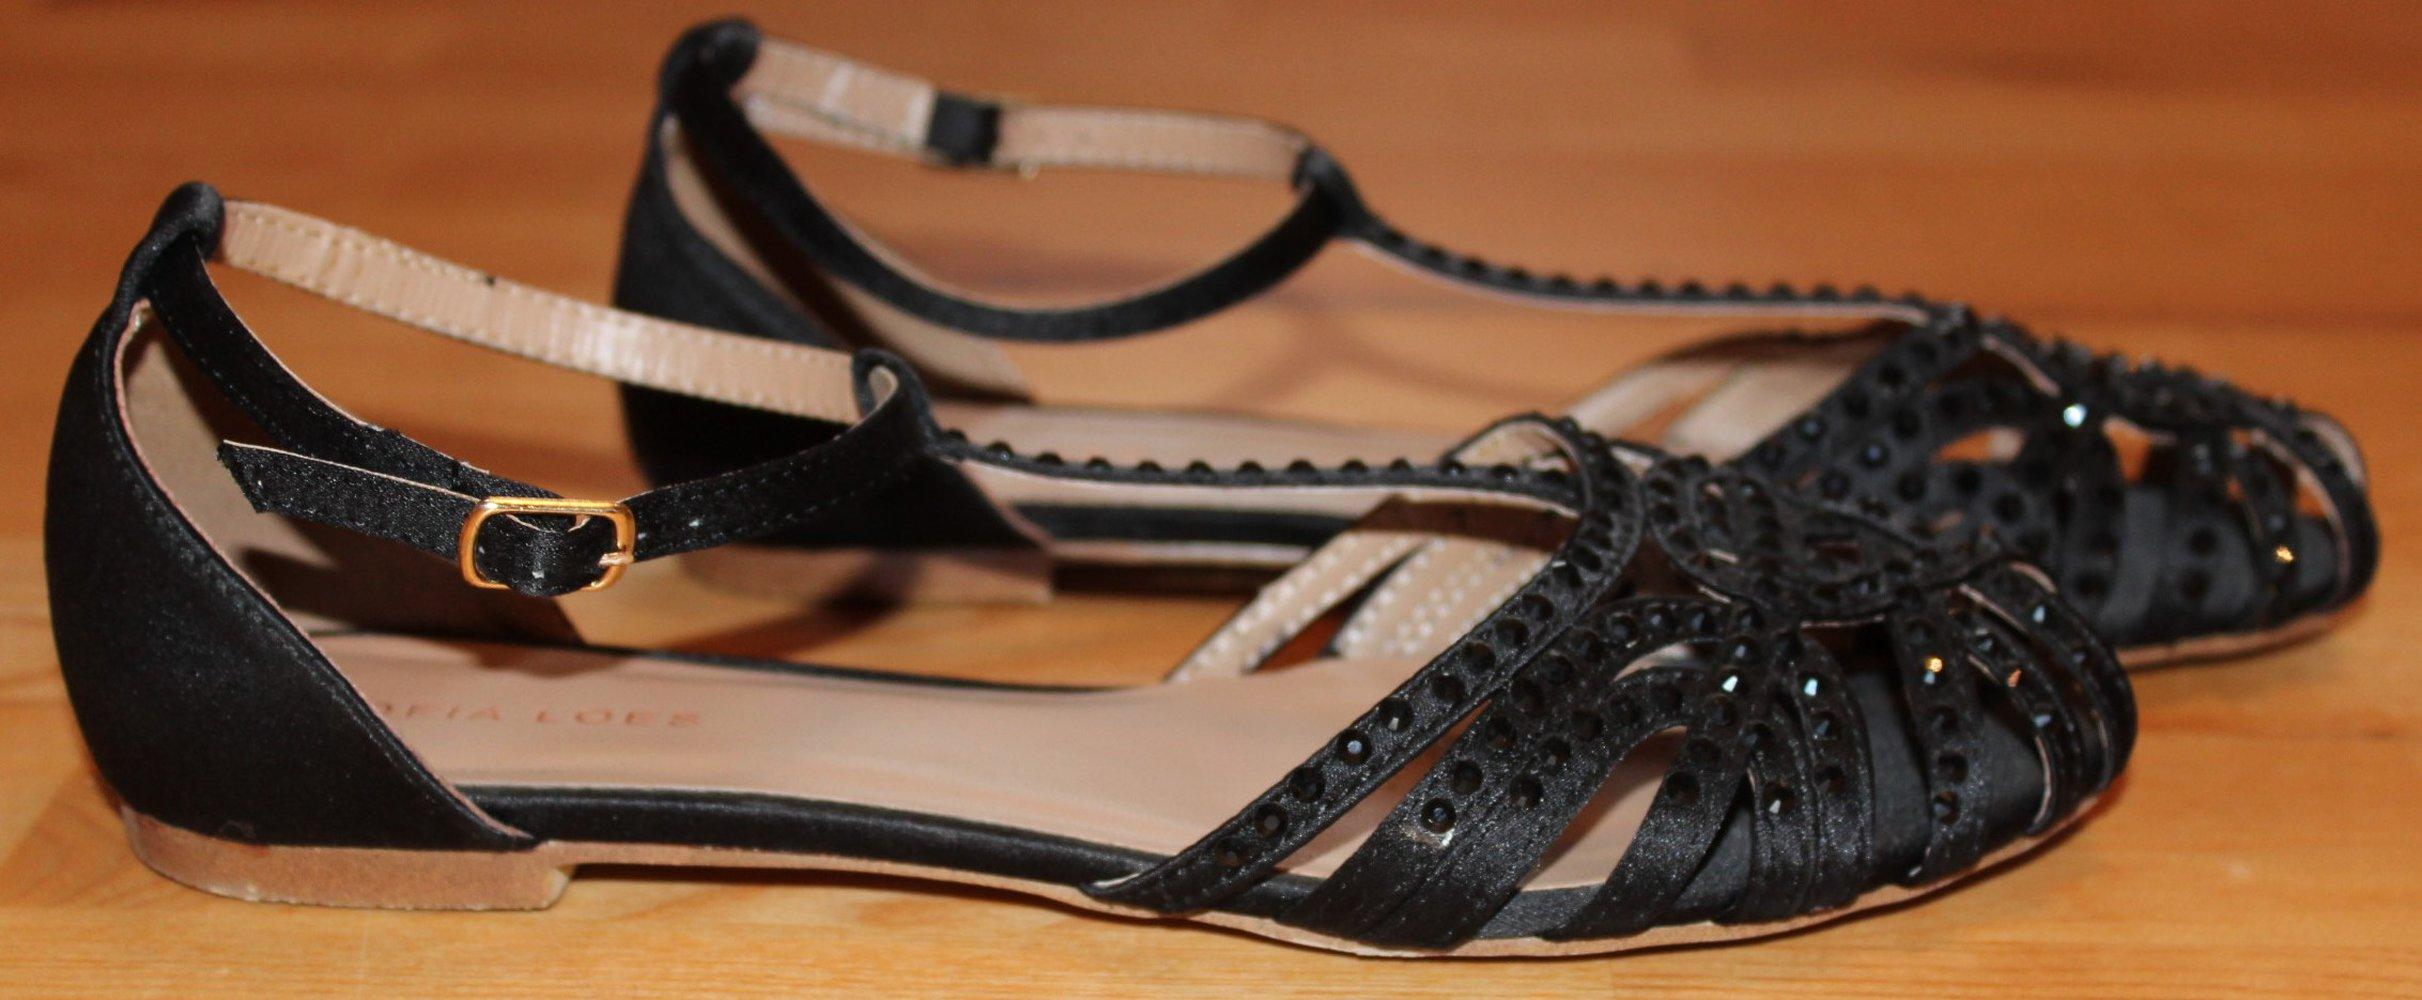 schwarze sandalen mit glitzersteinen sofia loes gr e 36. Black Bedroom Furniture Sets. Home Design Ideas